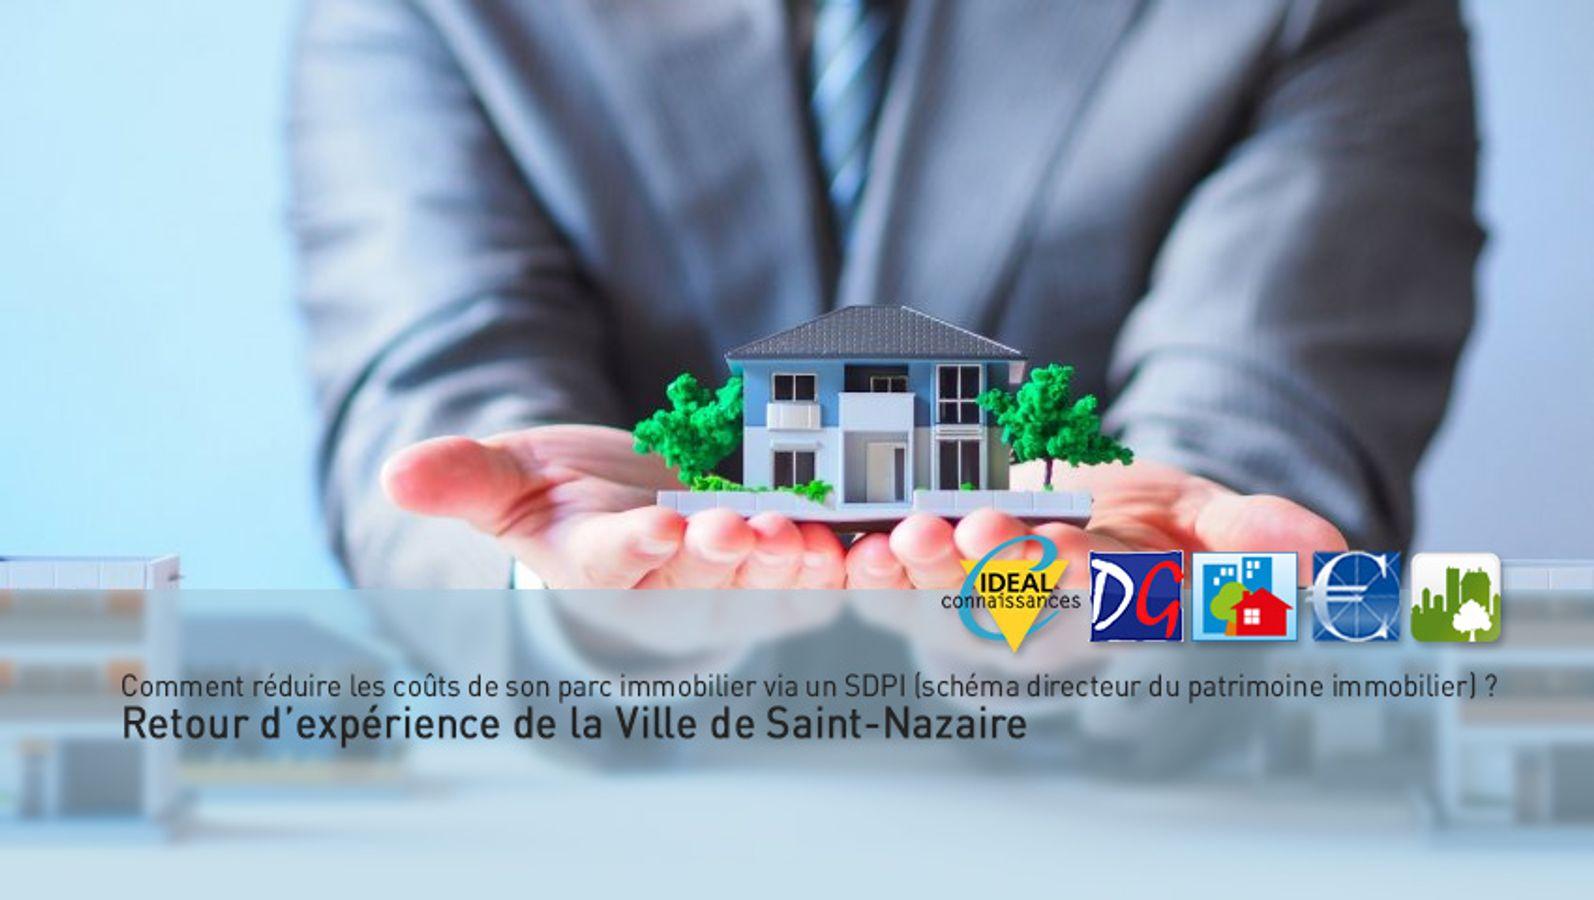 Comment réduire les coûts de son parc immobilier via un SDPI (schéma directeur du patrimoine immobilier) ? Retour d'expérience de la Ville de Saint-Nazaire